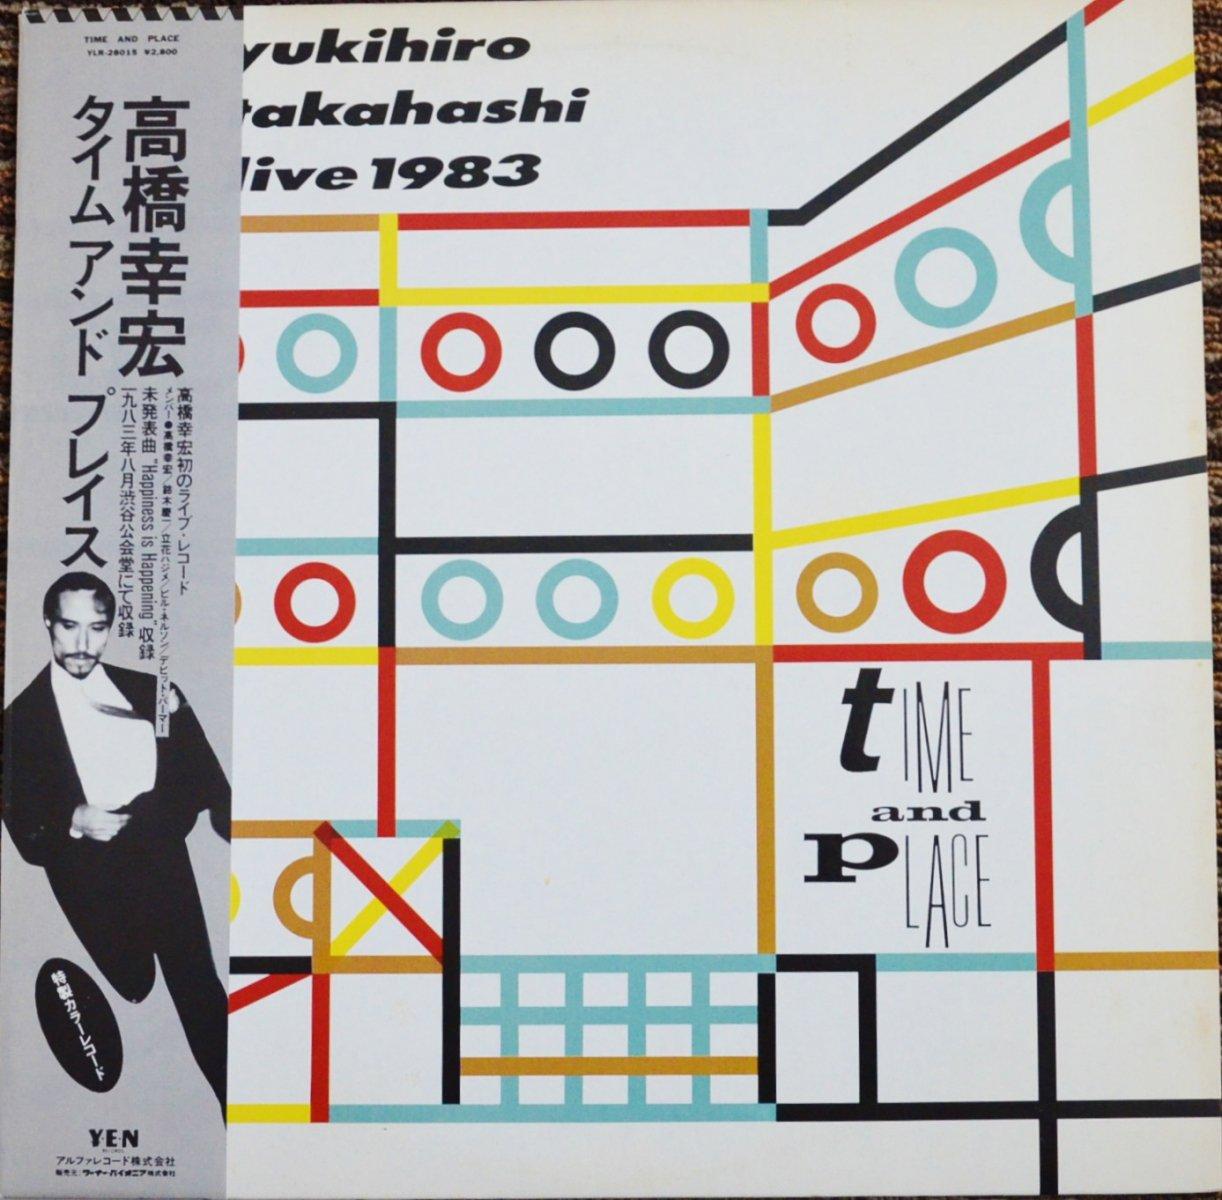 高橋ユキヒロ (高橋幸宏) YUKIHIRO TAKAHASHI / タイムアンドプレイス TIME AND PLACE (LP)